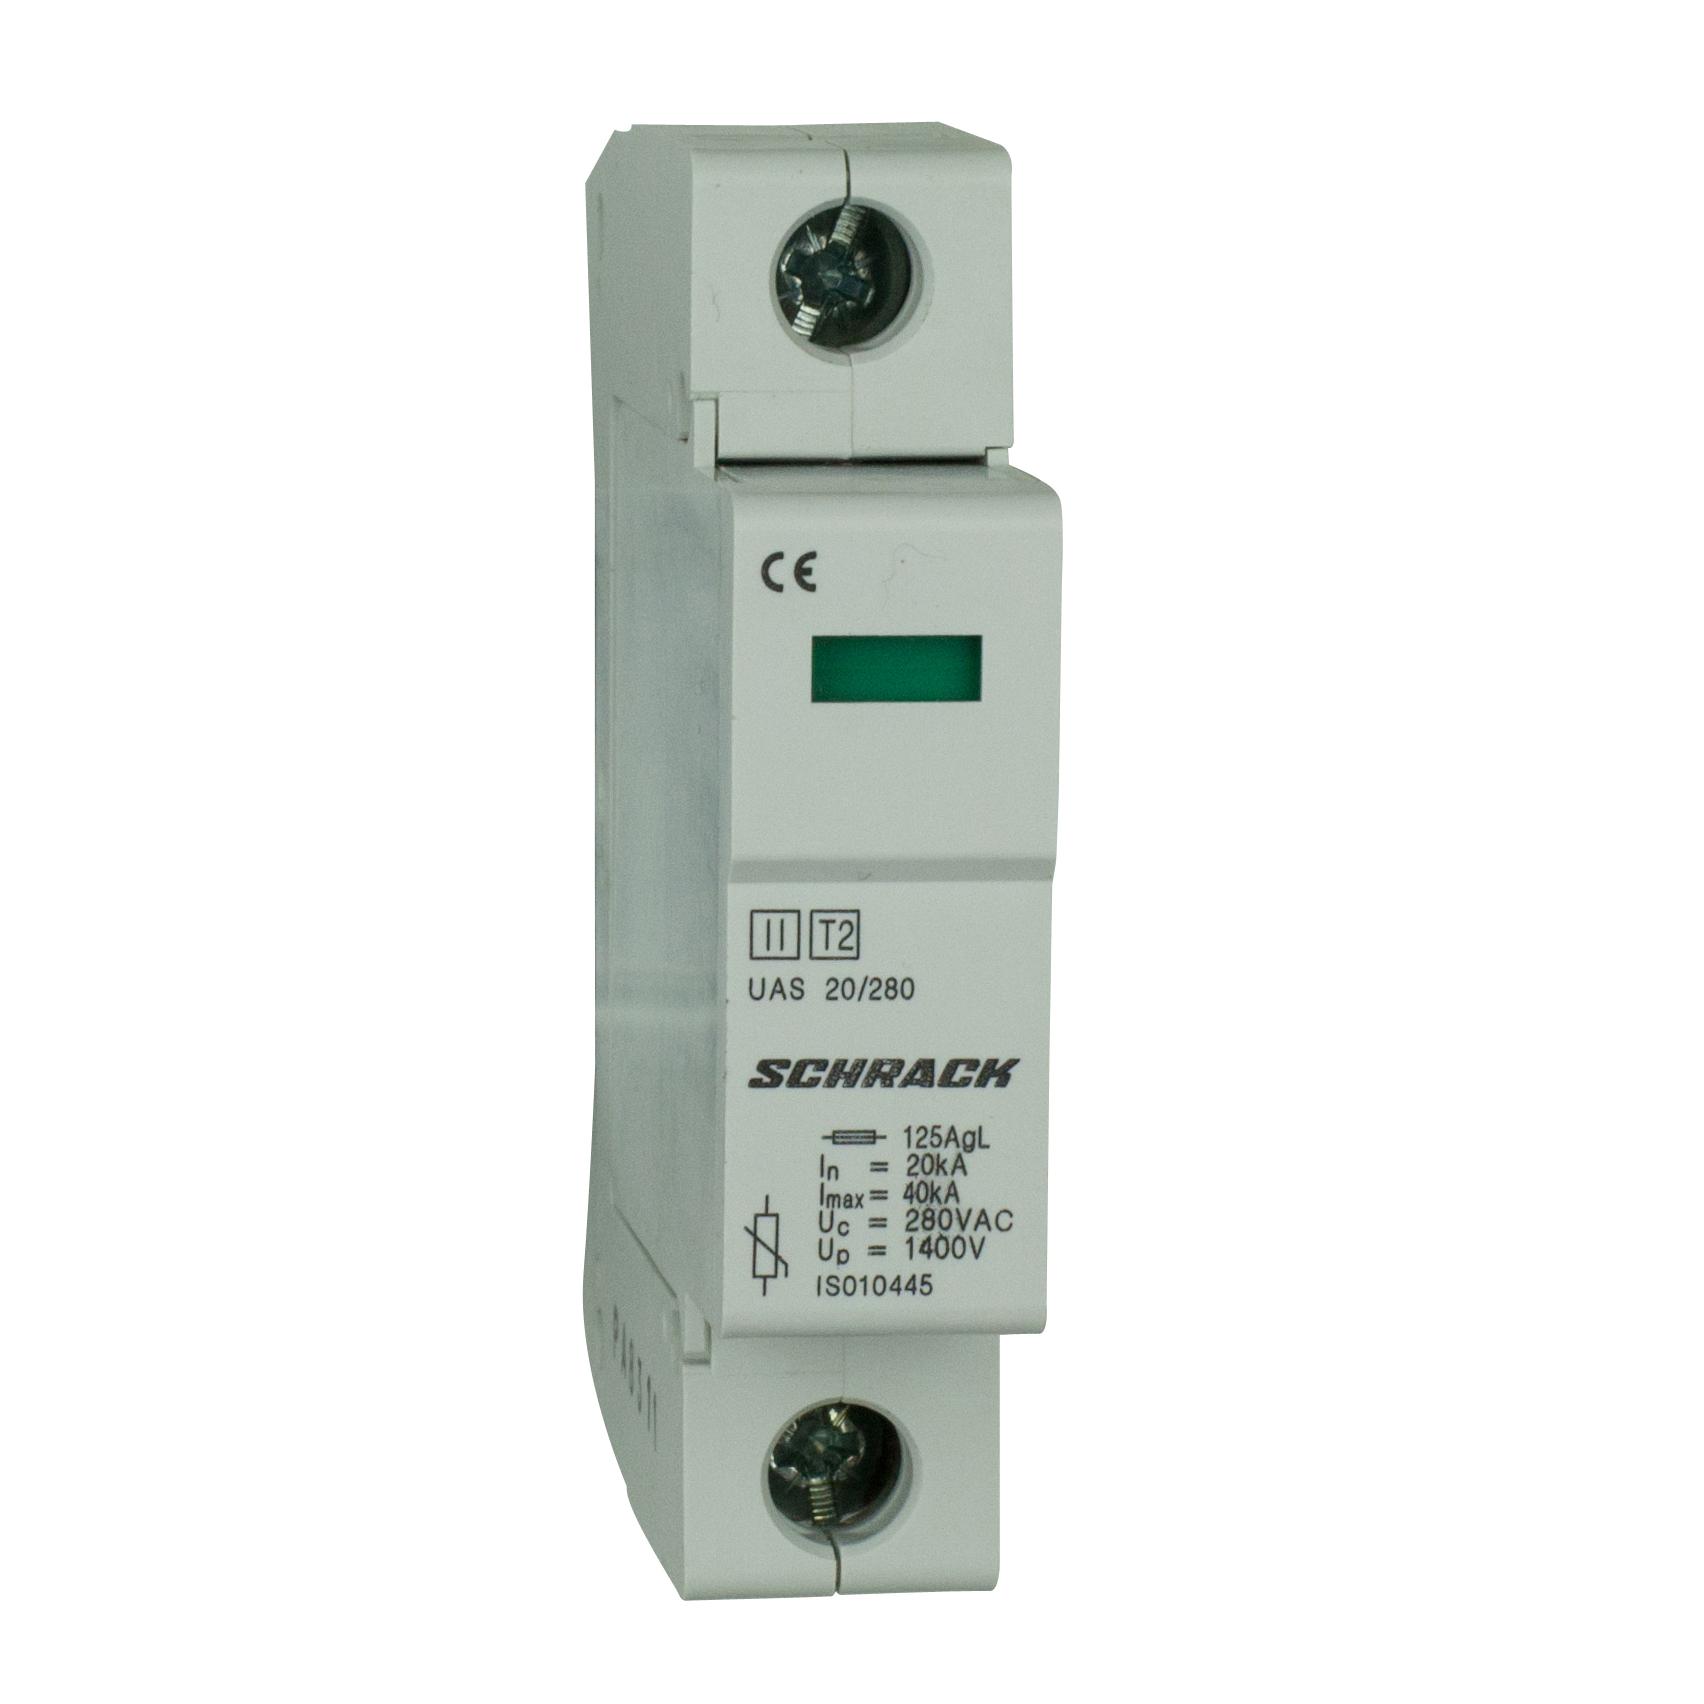 1 Stk T2/C - Ableiter komplett, 1p, 20kA/280V - Serie UAS IS010446--